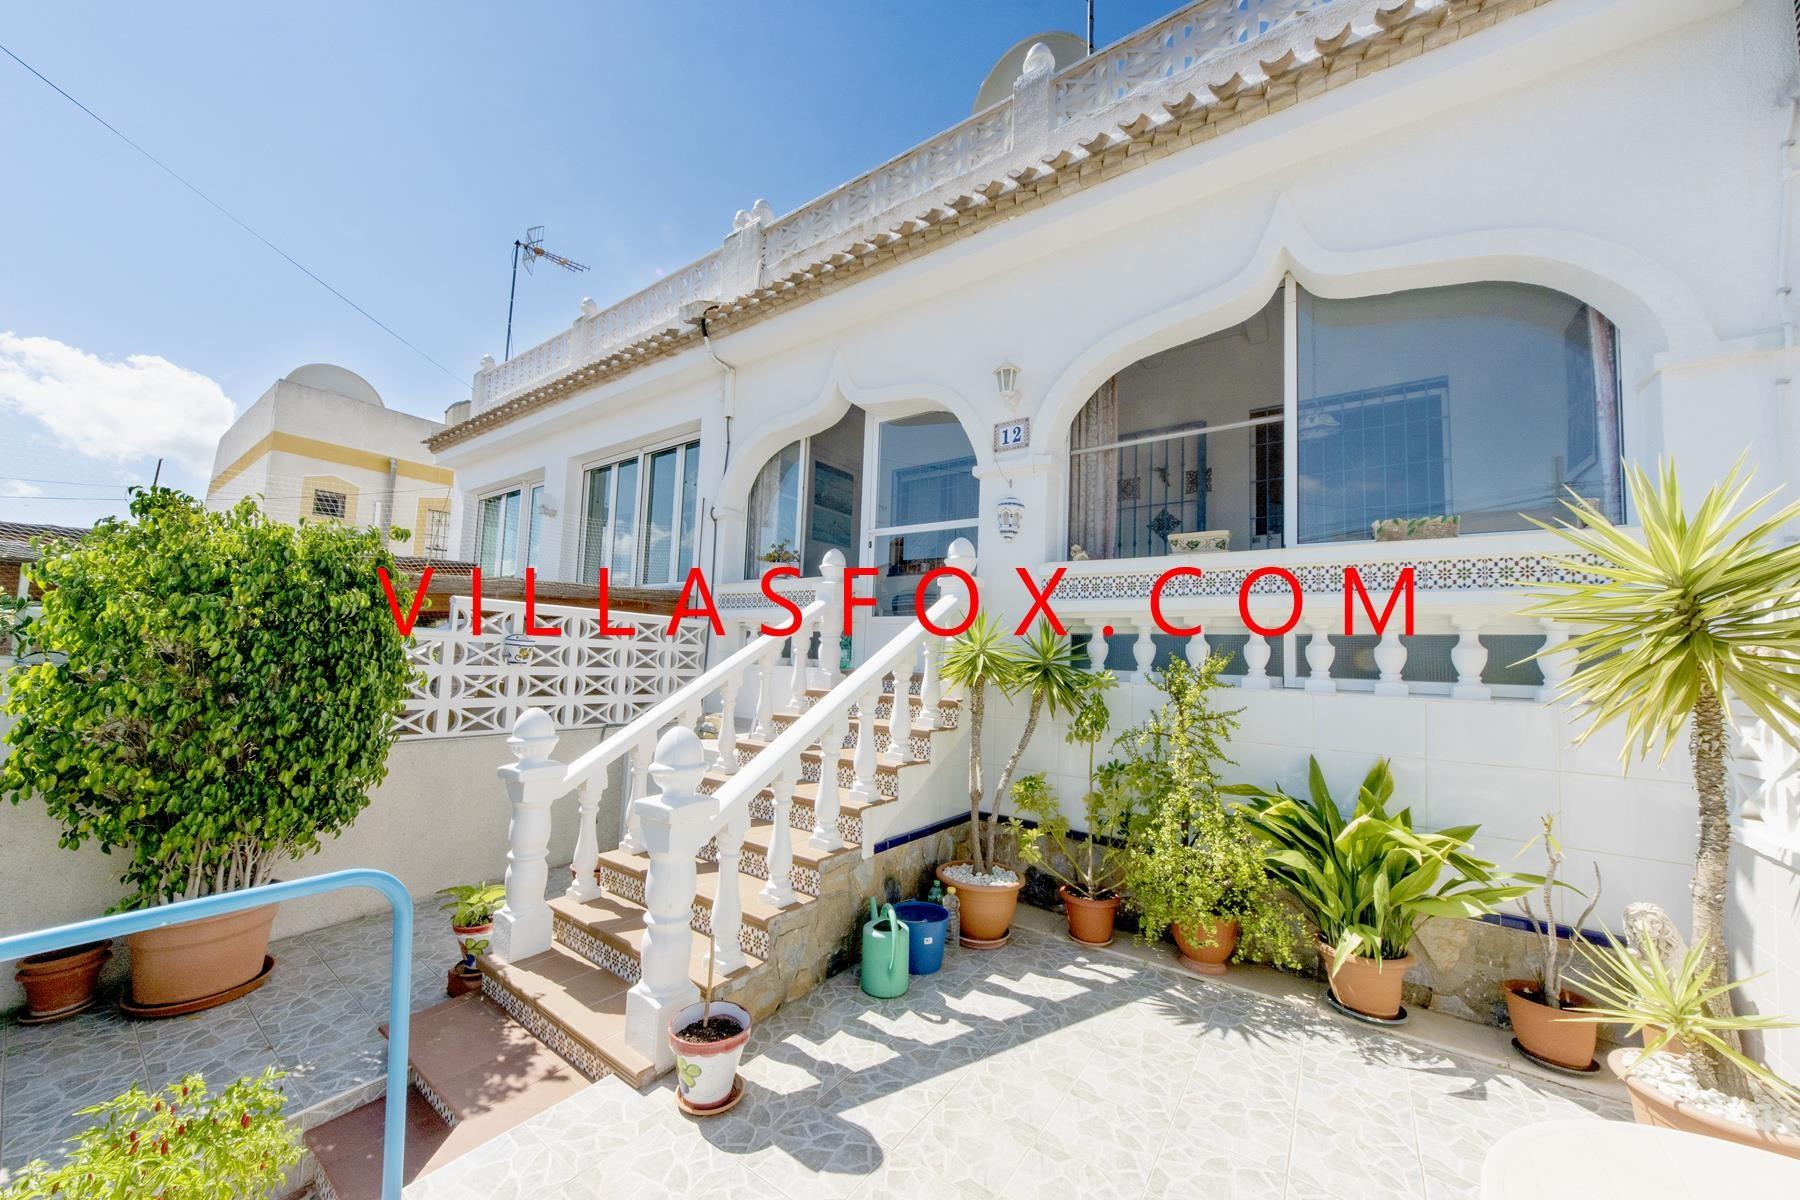 Balcón de la Costa Blanca - 2 bedroom house, garden, sun terrace